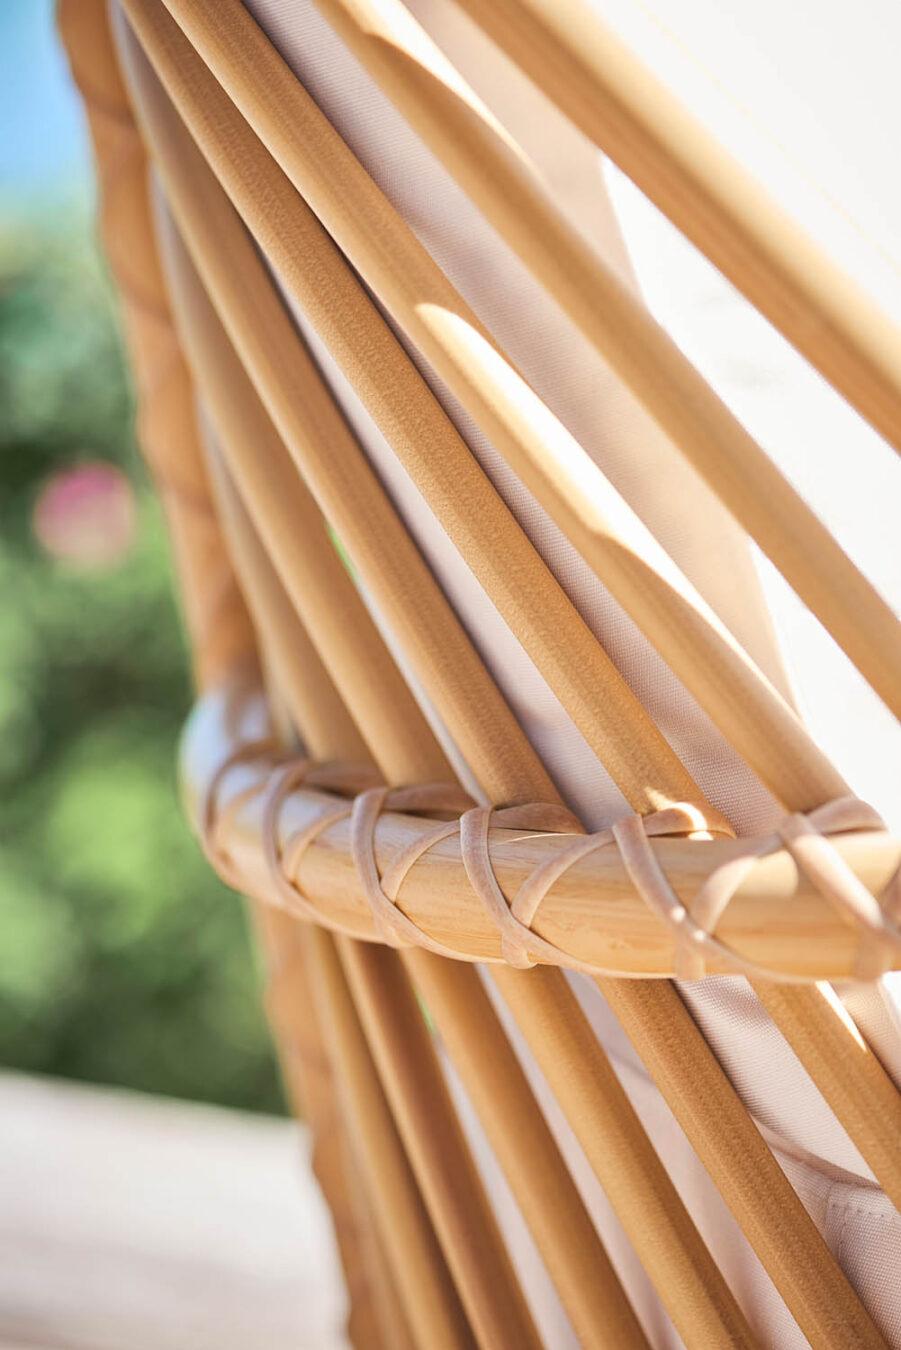 Sika-Design Charlottenborg Exterior fåtölj natur